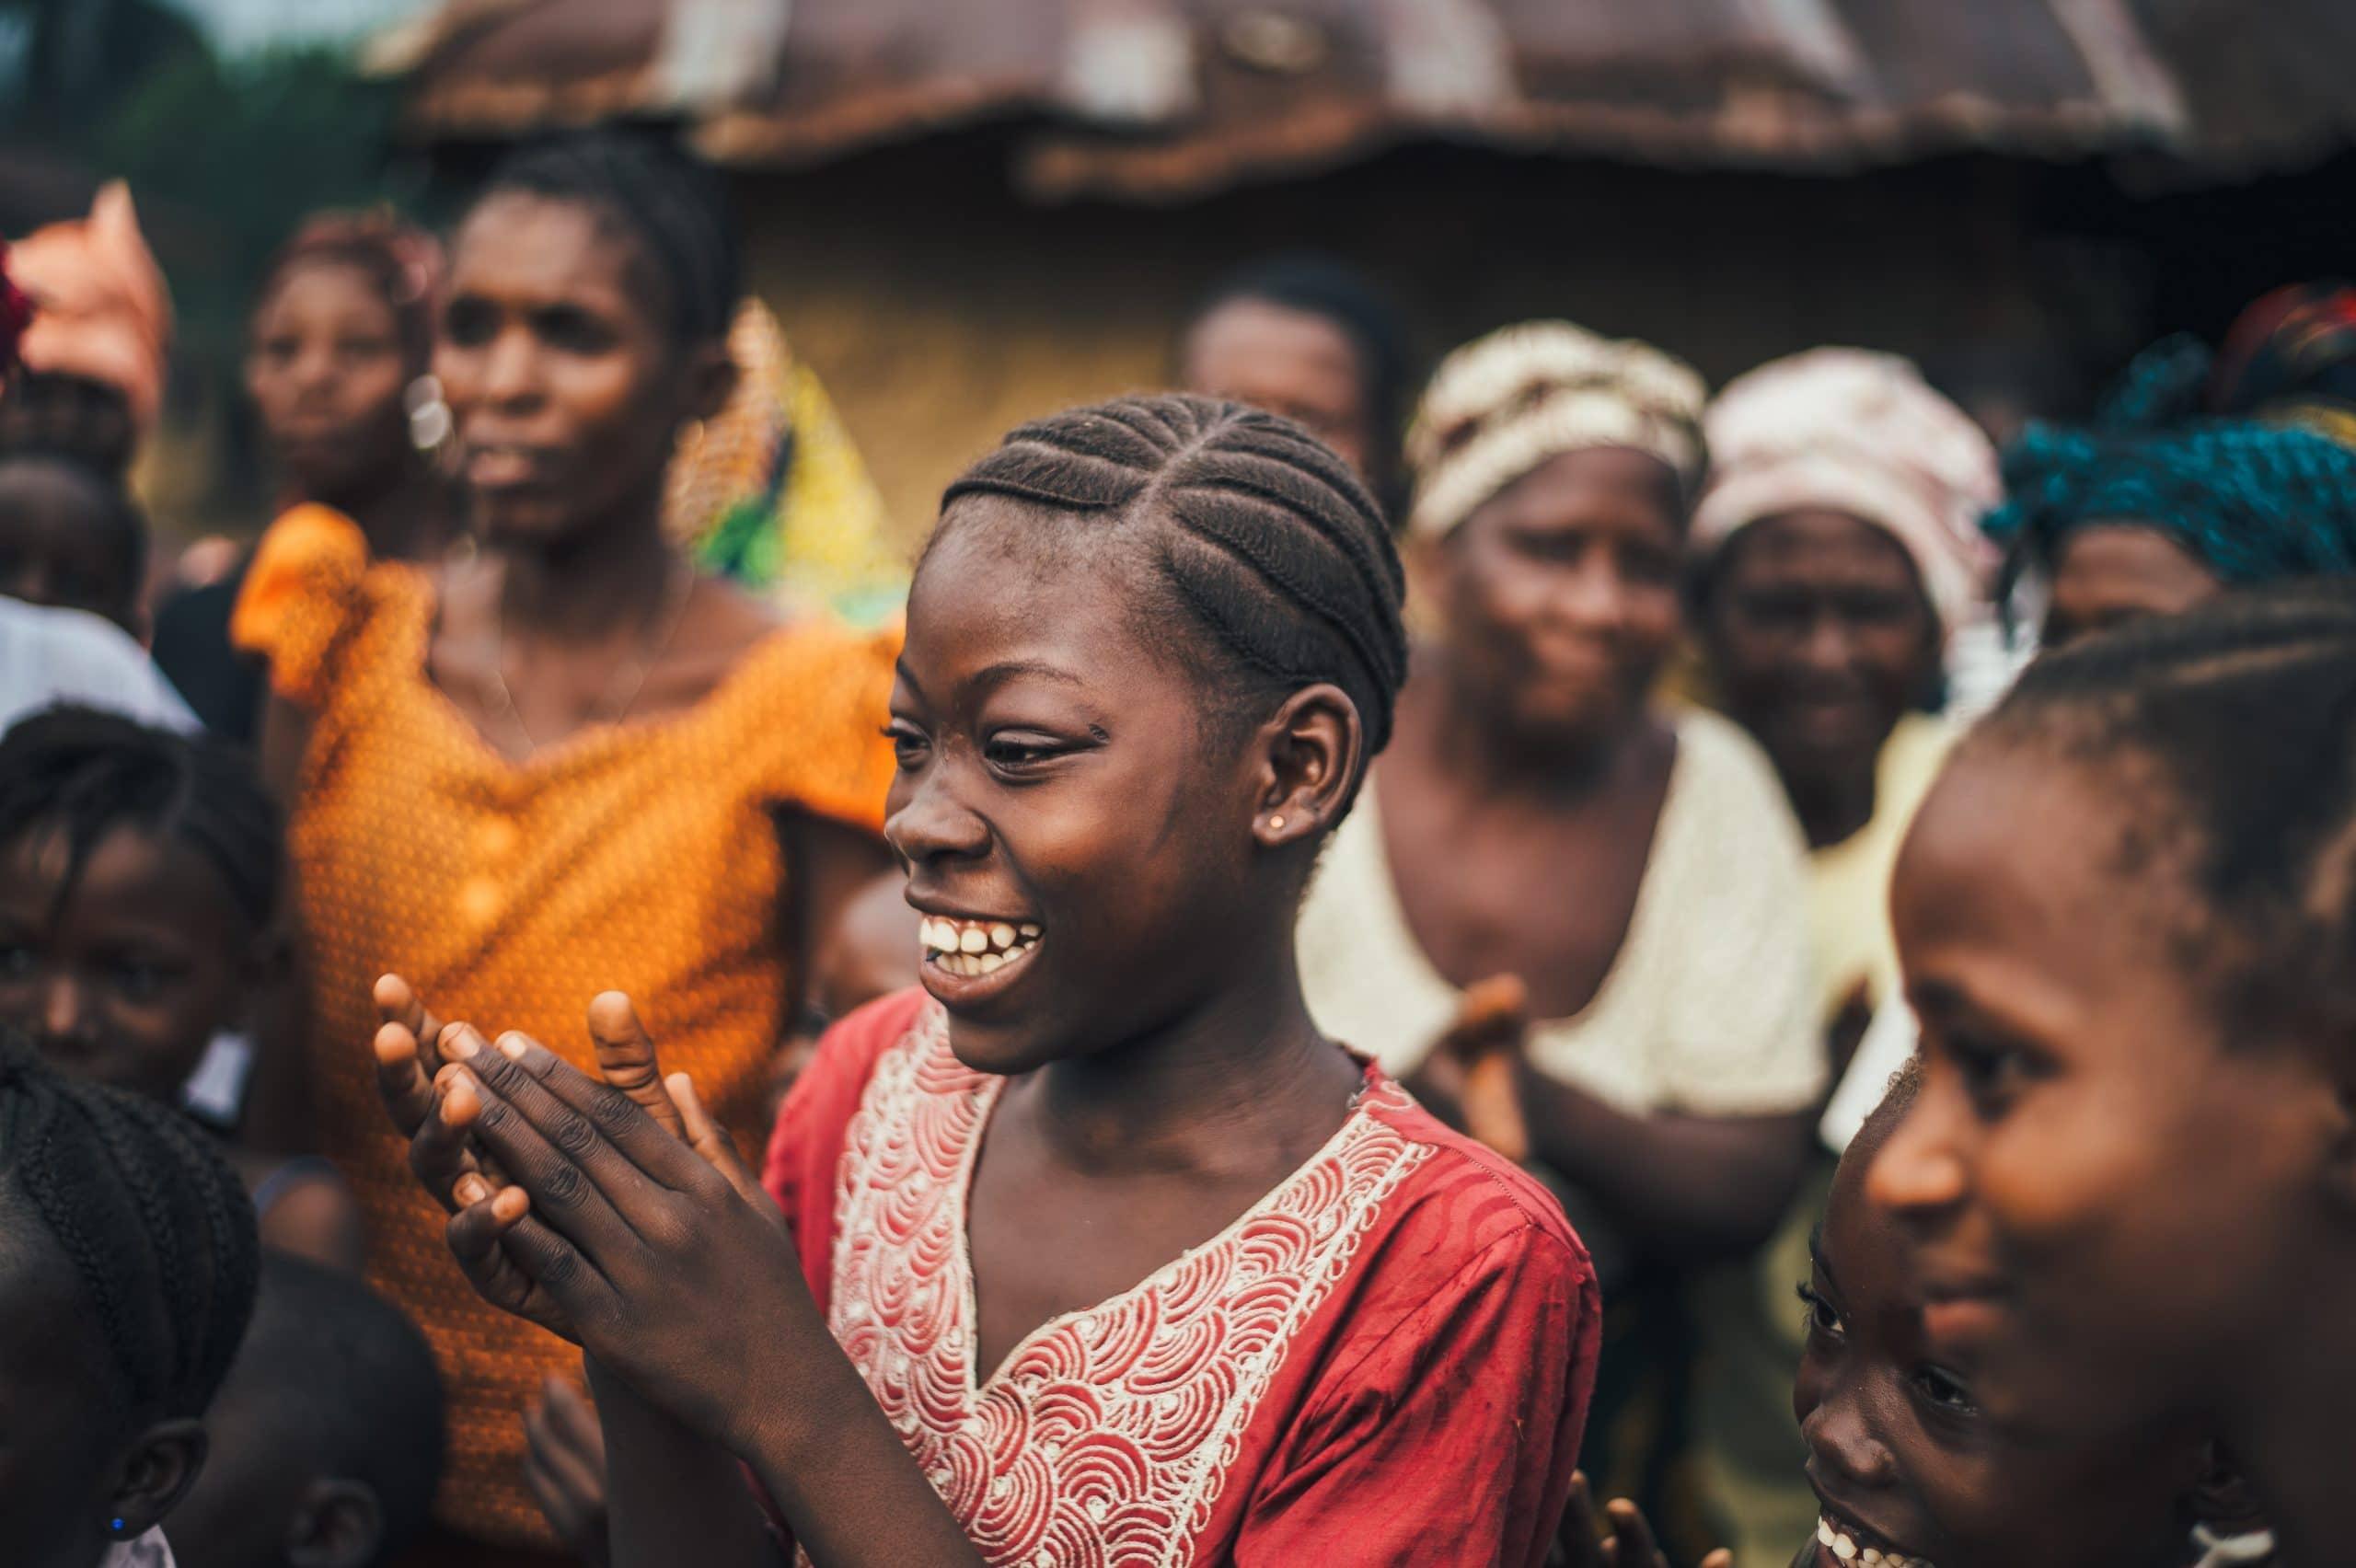 Mulher sorrindo com suas mãos unidas ao redor de outras pessoas